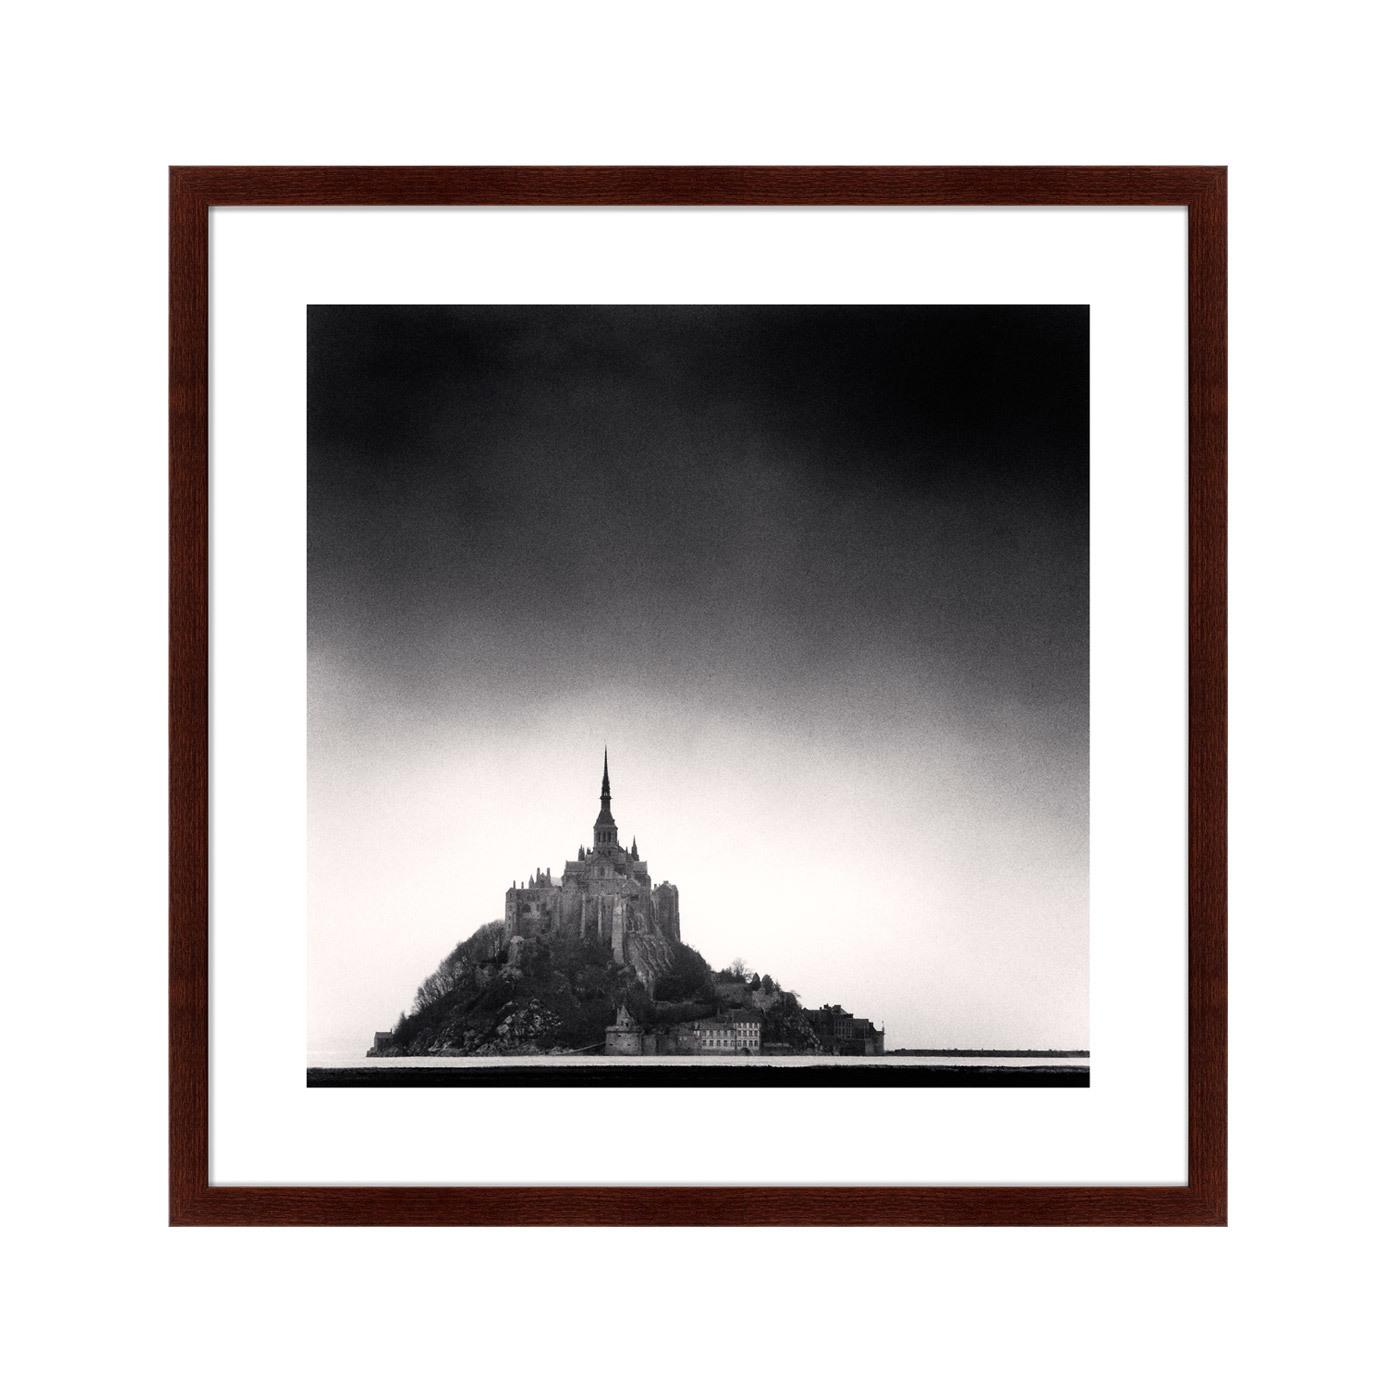 {} Картины в Квартиру Картина Castle (79х79 см) картины в квартиру картина озеро этюд на закате 35х77 см